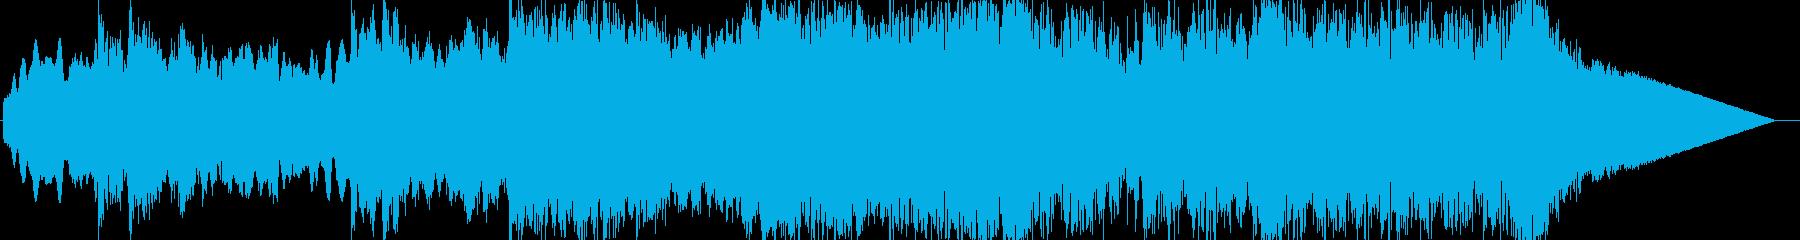 プログレッシブ 交響曲 ドラマチッ...の再生済みの波形